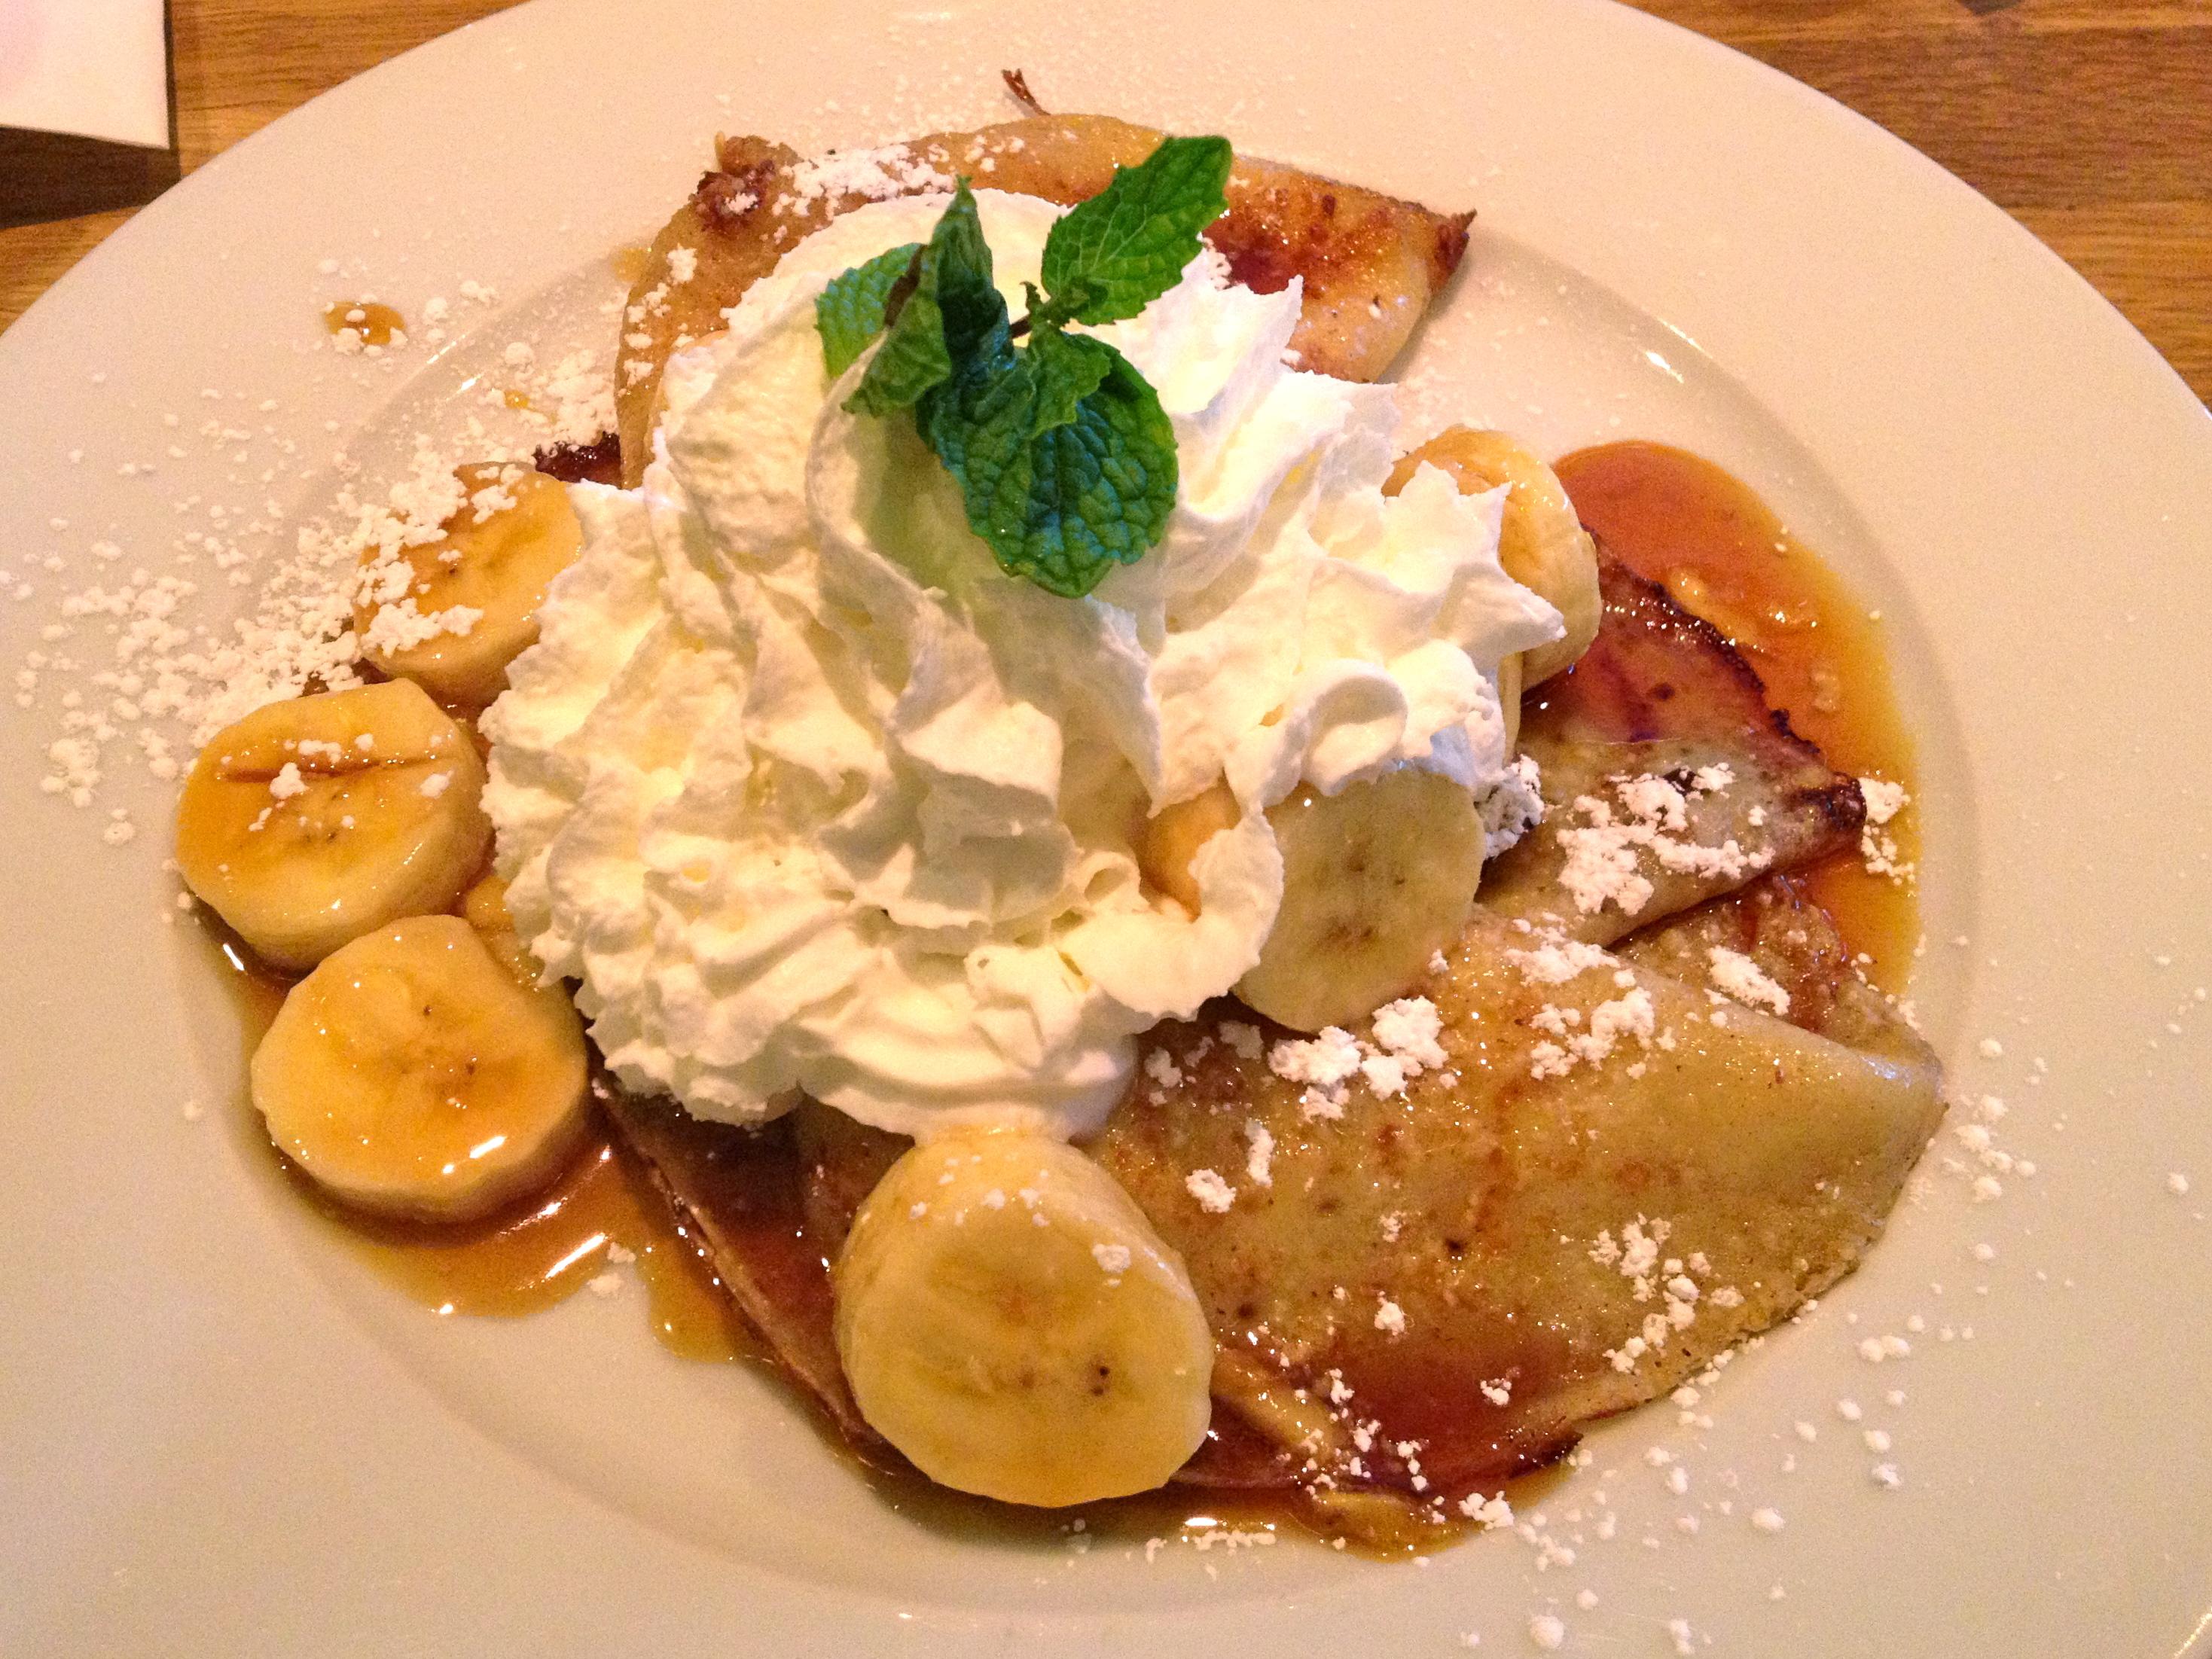 Banana Cafe Dc Brunch Menu